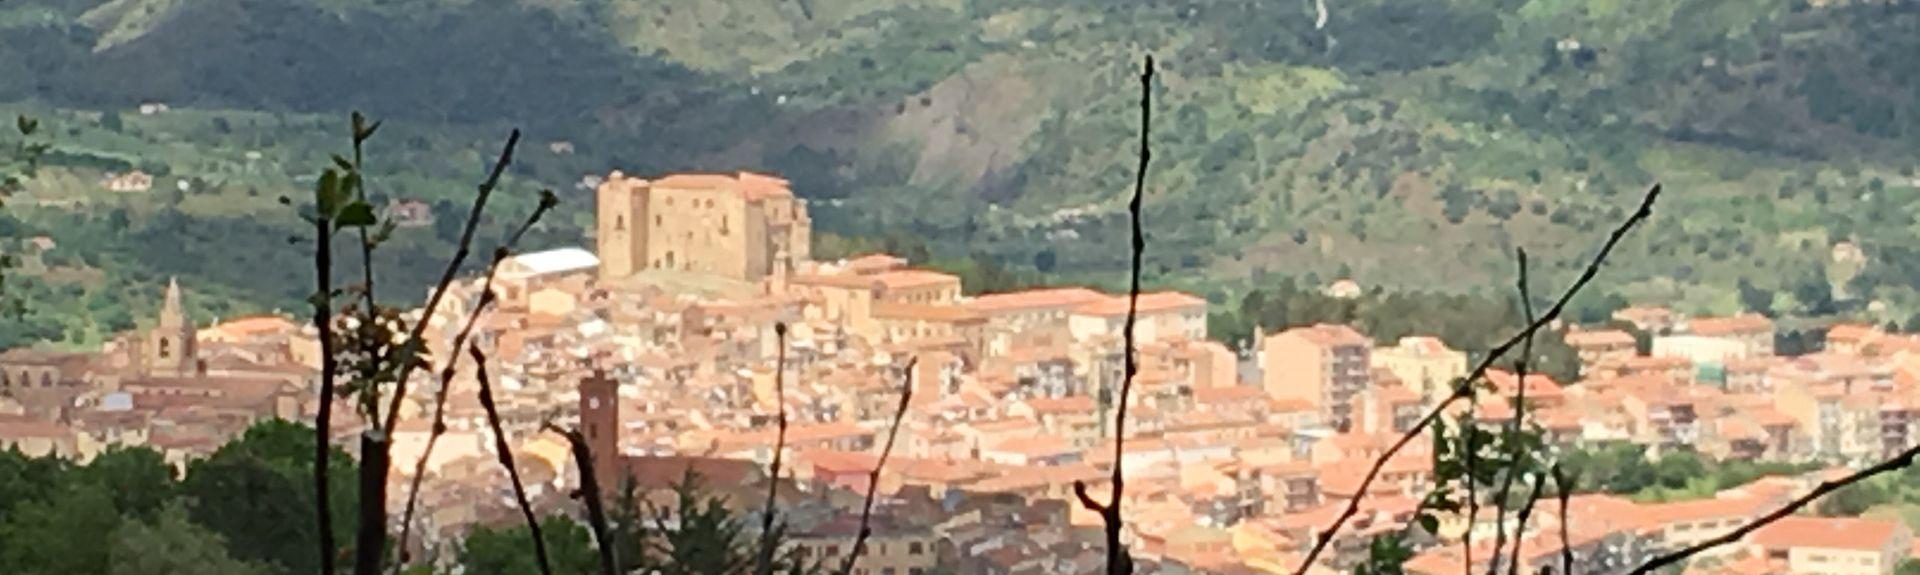 Pettineo, Messina, Sicily, Italy